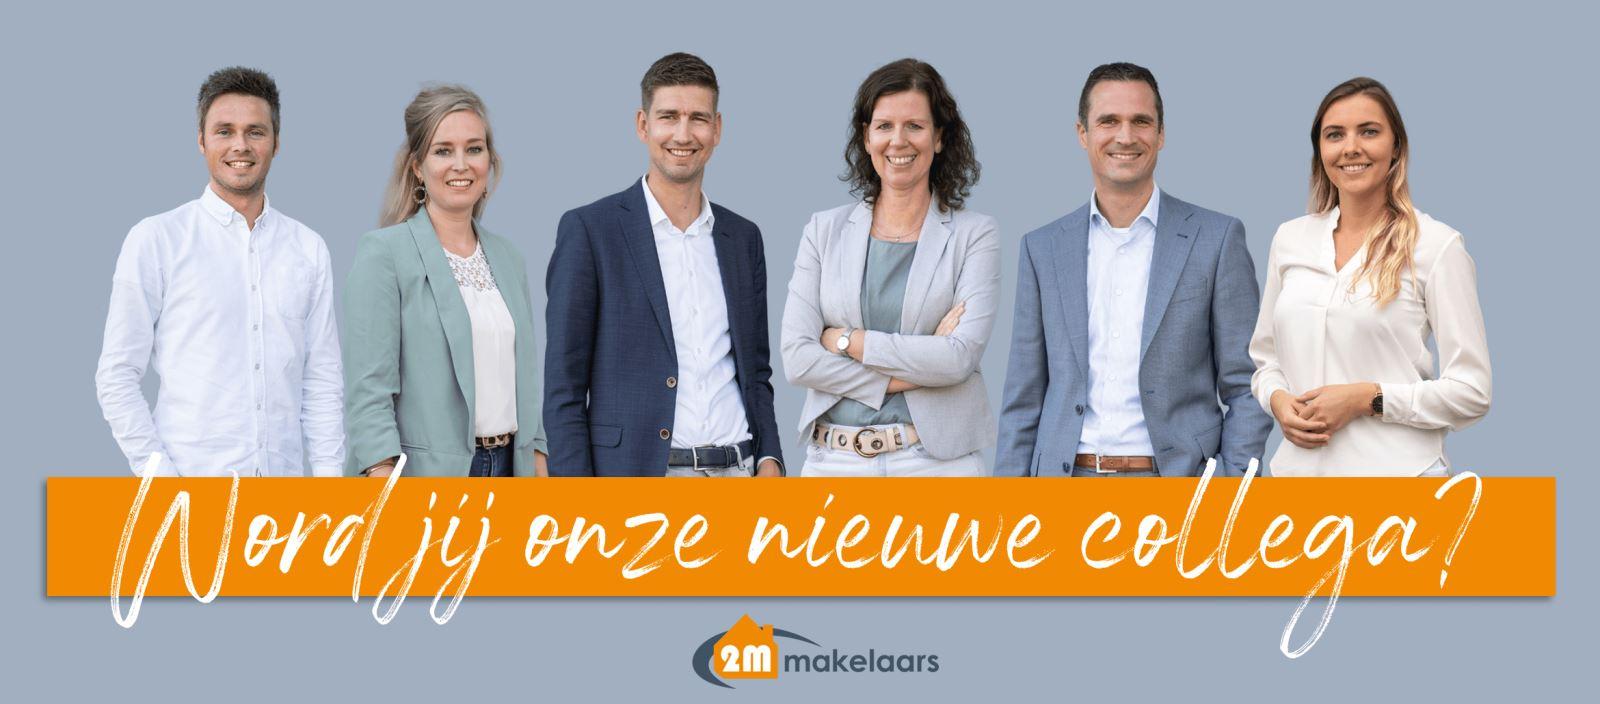 2M Makelaars Vacature Papendrecht en Dordrecht